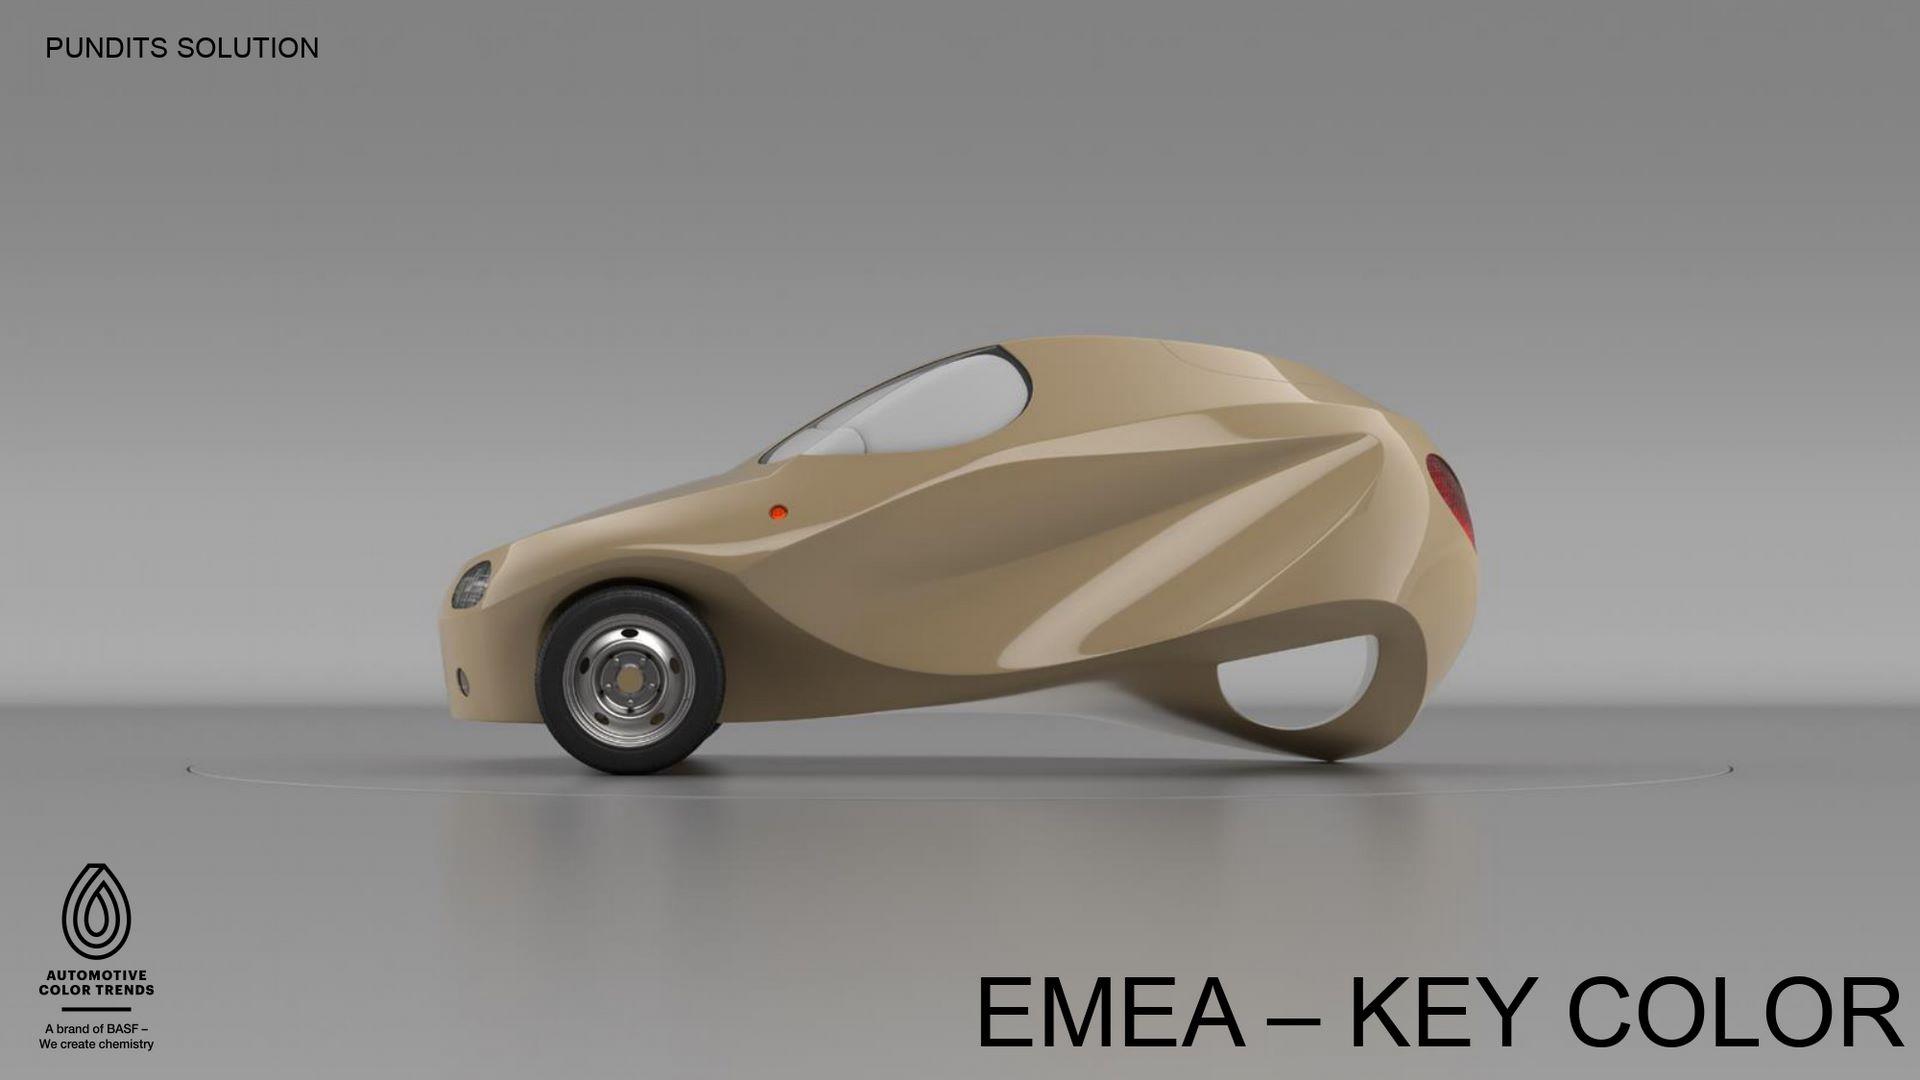 BASF-Automotive-Color-Trends-2020-2021-8